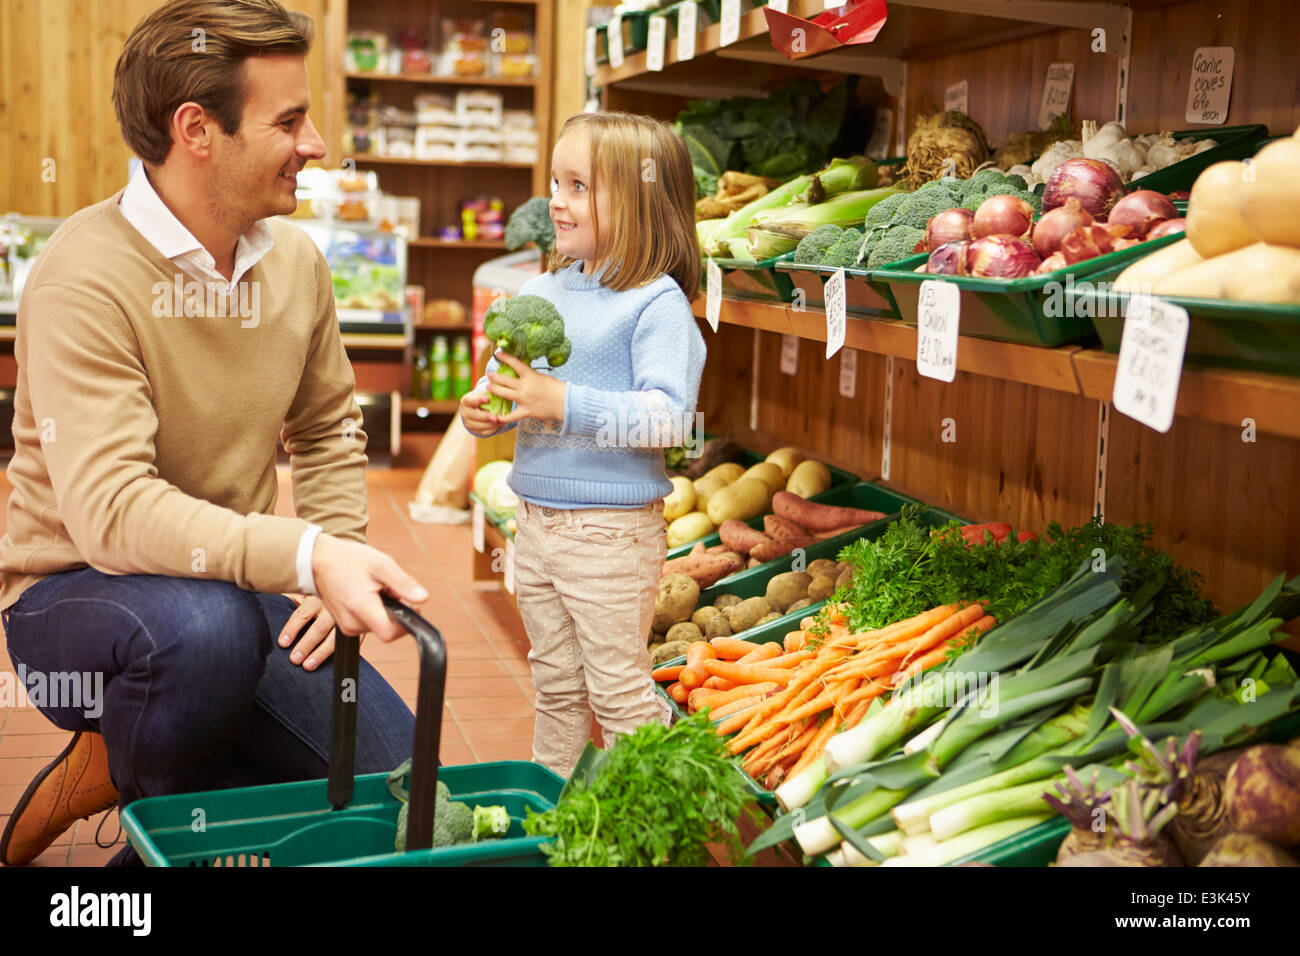 Padre e figlia la scelta di verdure fresche In Farm Shop Immagini Stock